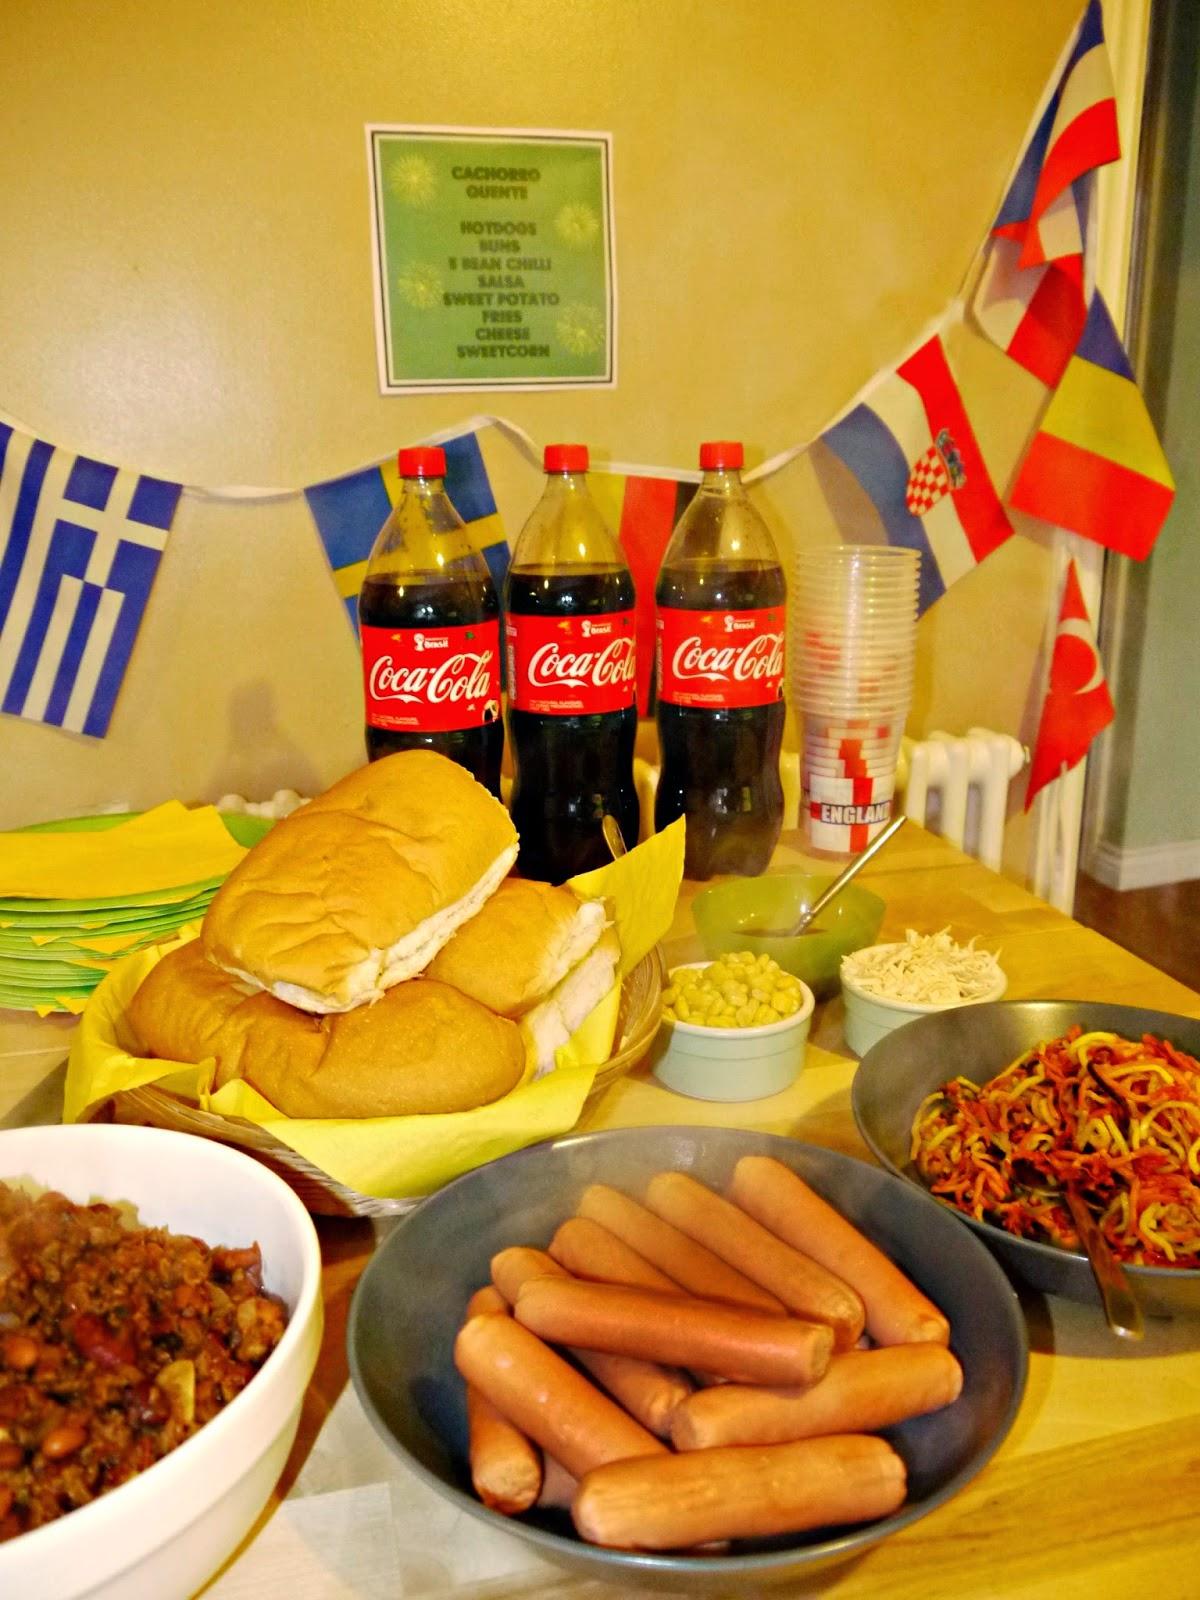 #cbias, coco-cola, #bigmatchplanner